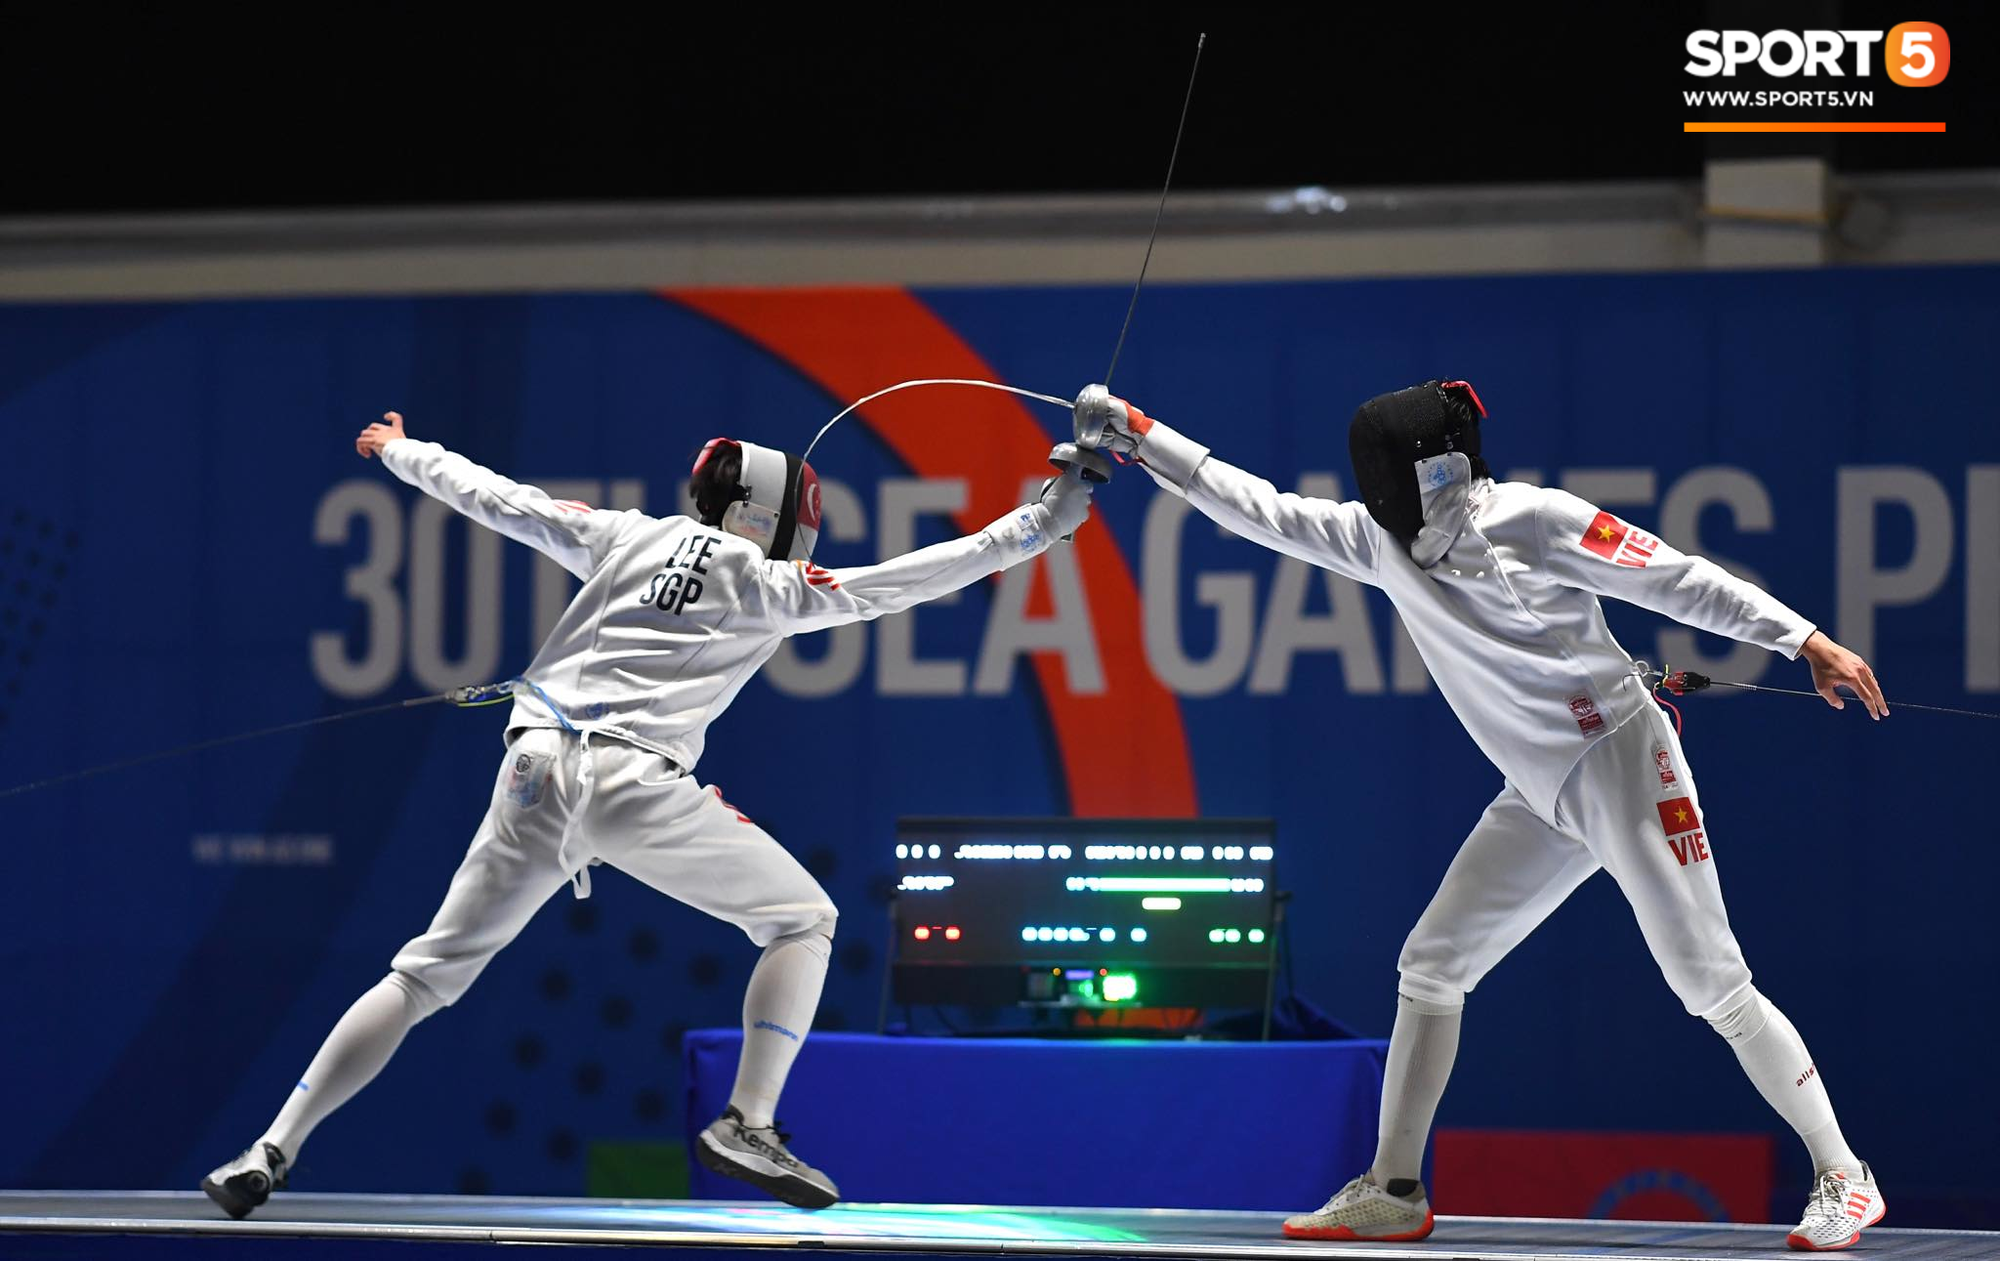 SEA Games ngày 8/12: Nữ hoàng điền kinh Tú Chinh vượt 2 VĐV nhập tịch trong tích tắc, xuất sắc giành HCV chung cuộc - Ảnh 38.